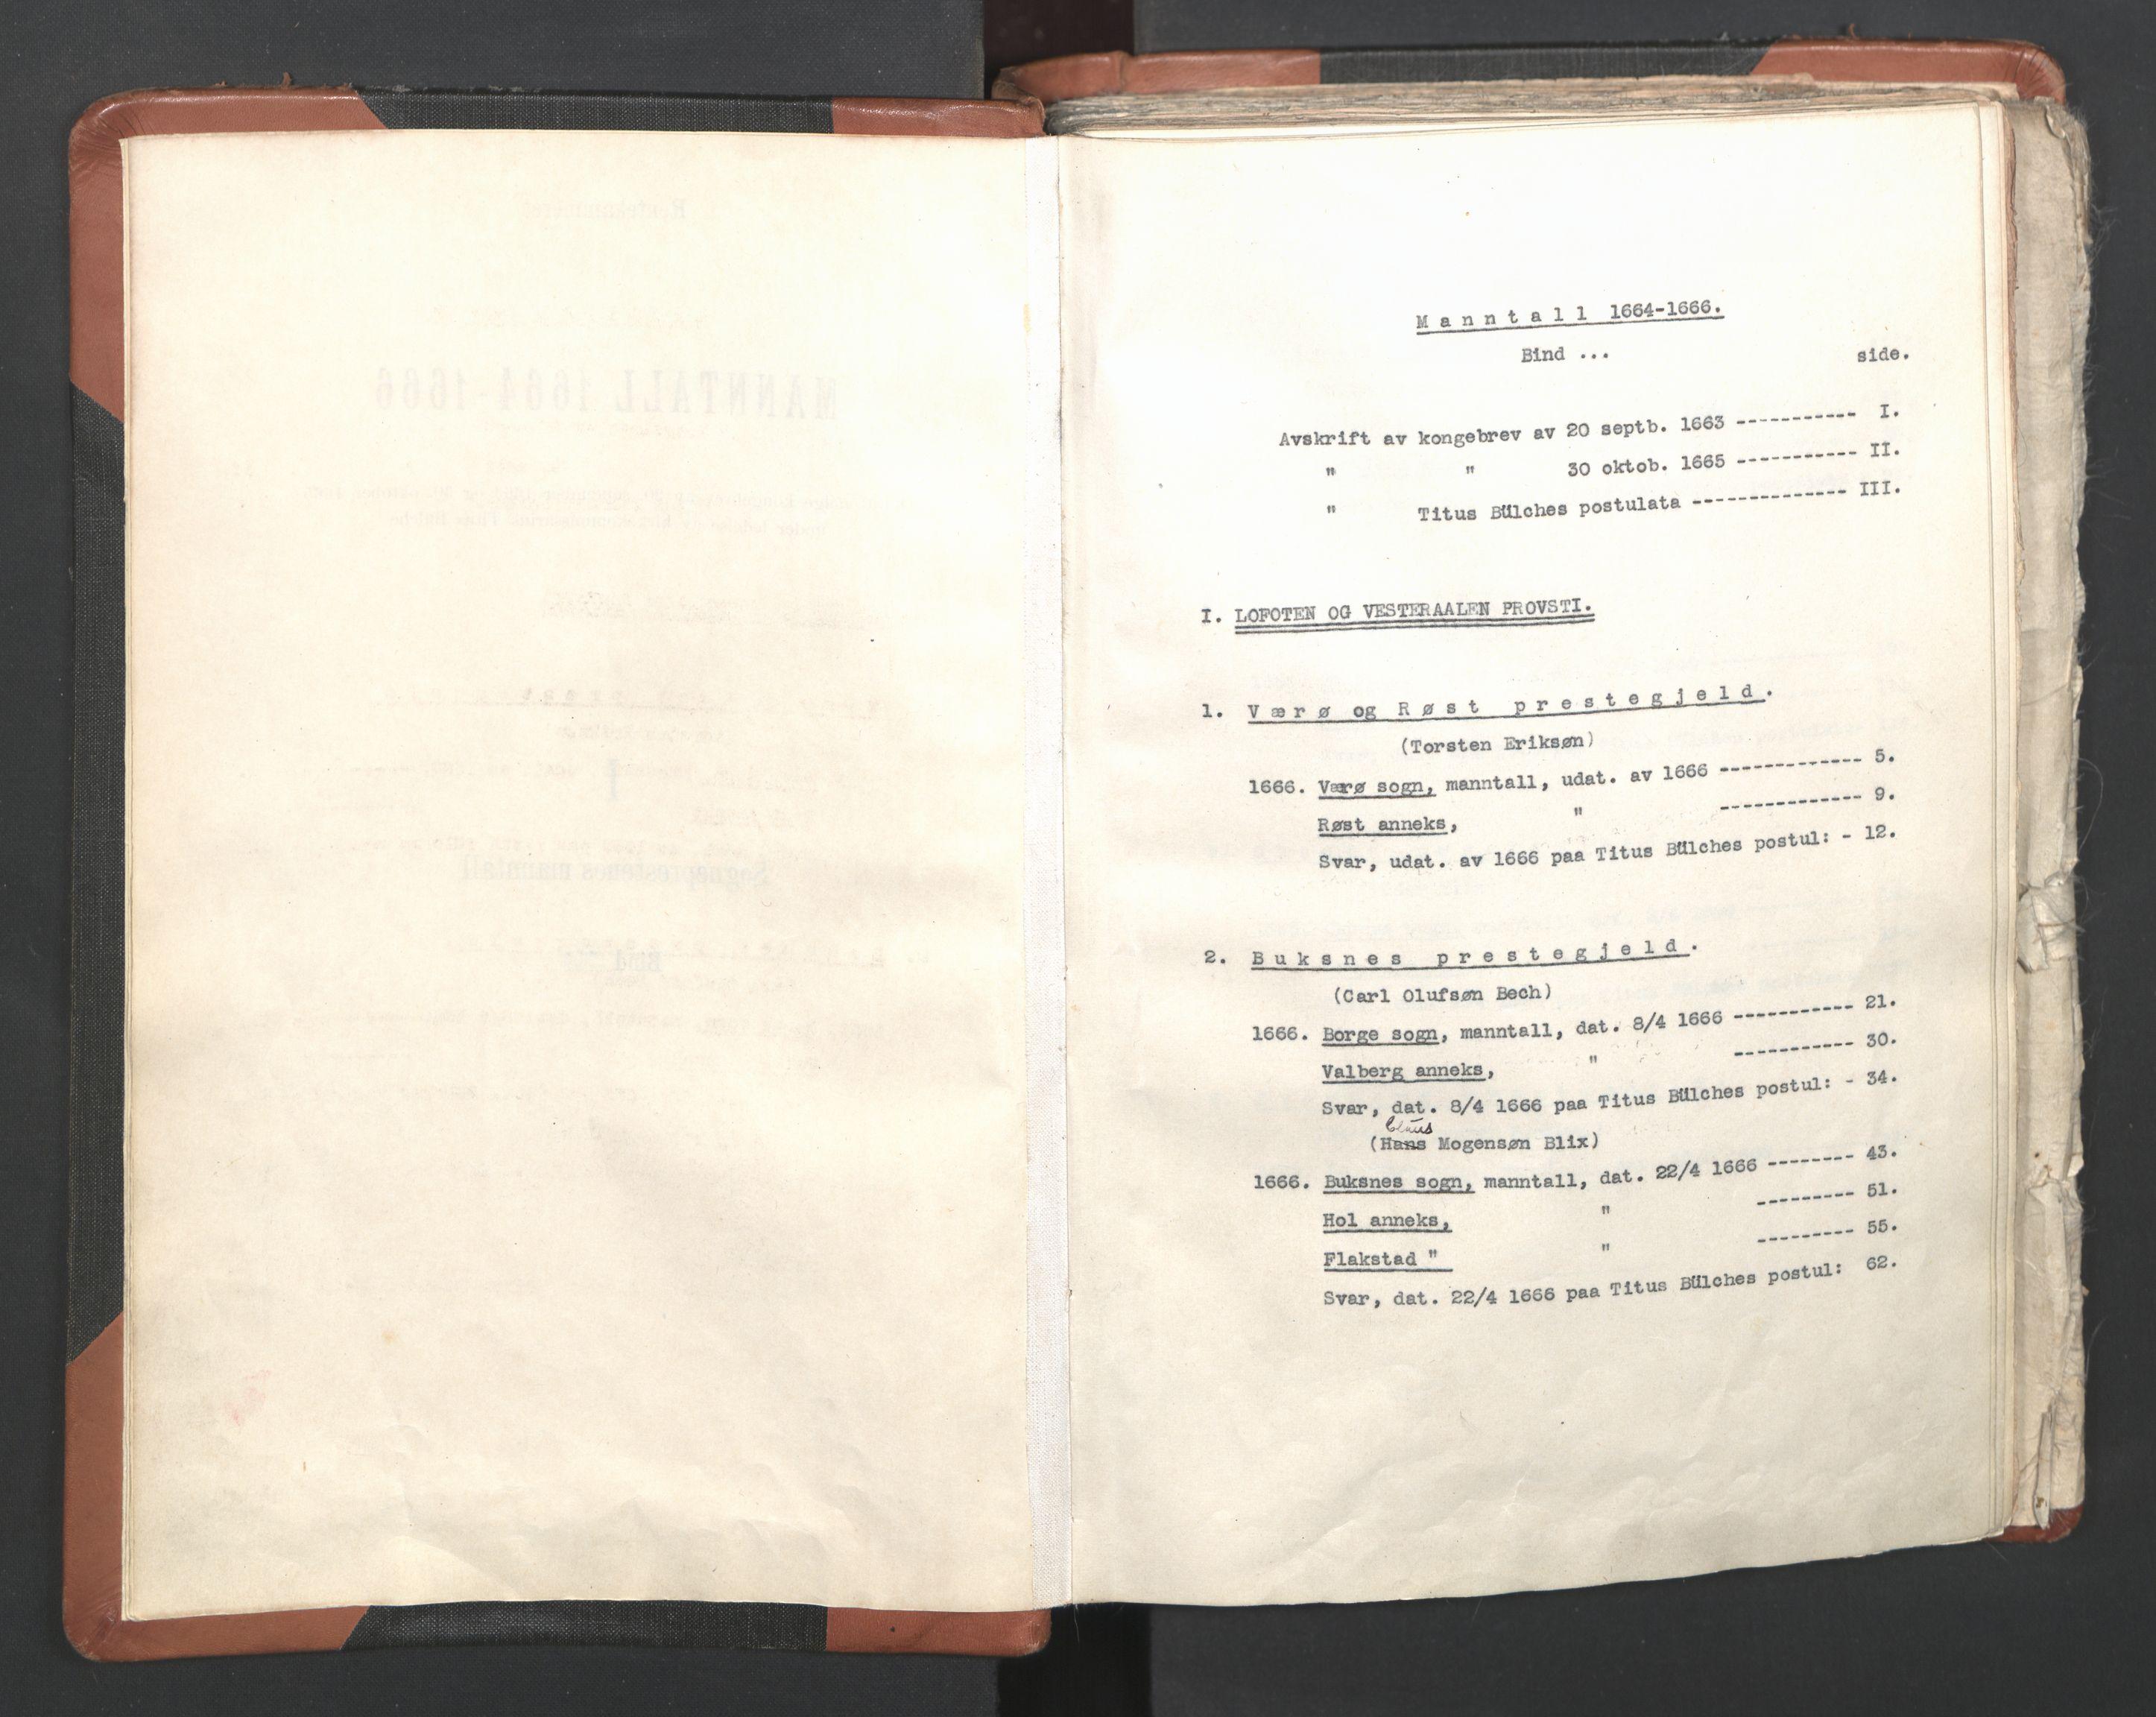 RA, Sogneprestenes manntall 1664-1666, nr. 36: Lofoten og Vesterålen prosti, Senja prosti og Troms prosti, 1664-1666, s. upaginert